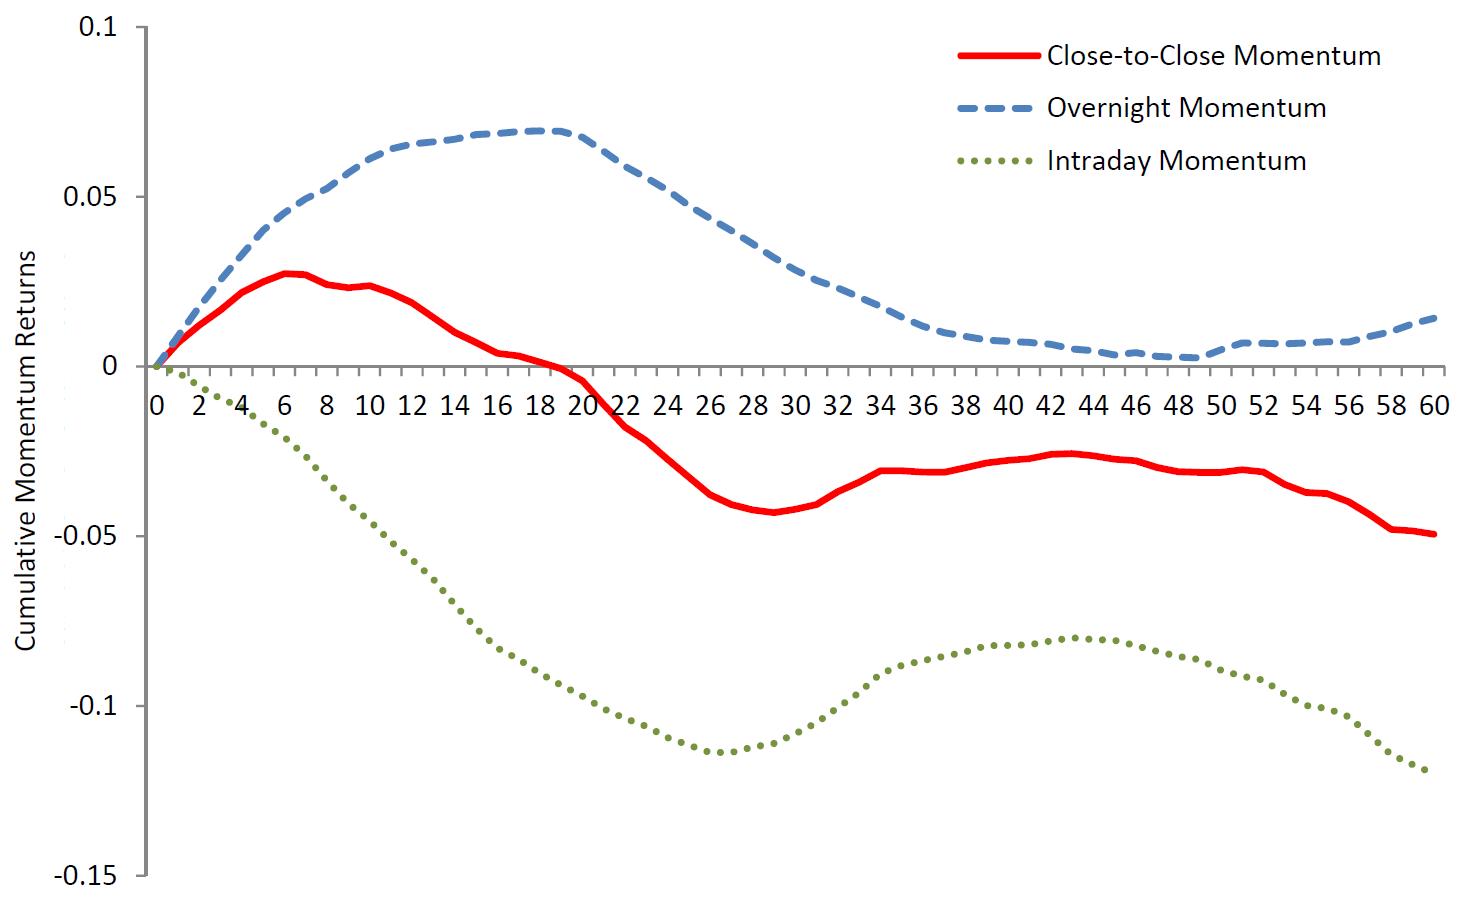 momentum vs trading hours